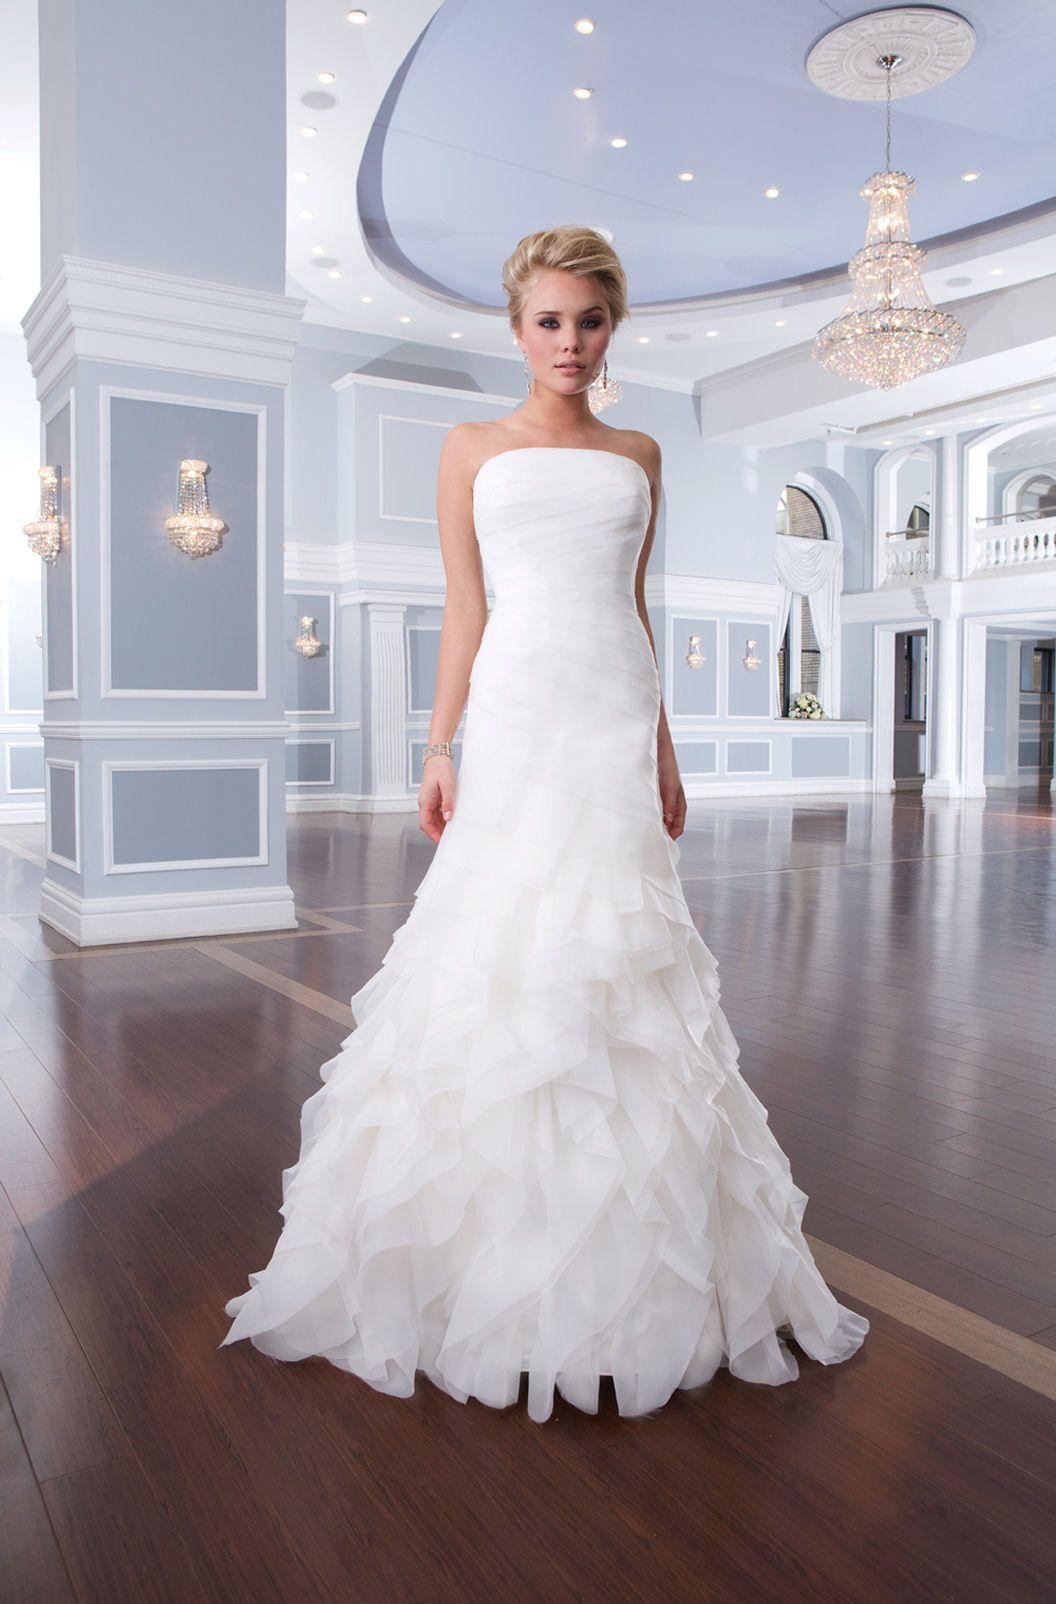 Großartig Sweet Home Alabama Brautkleid Zeitgenössisch - Hochzeit ...